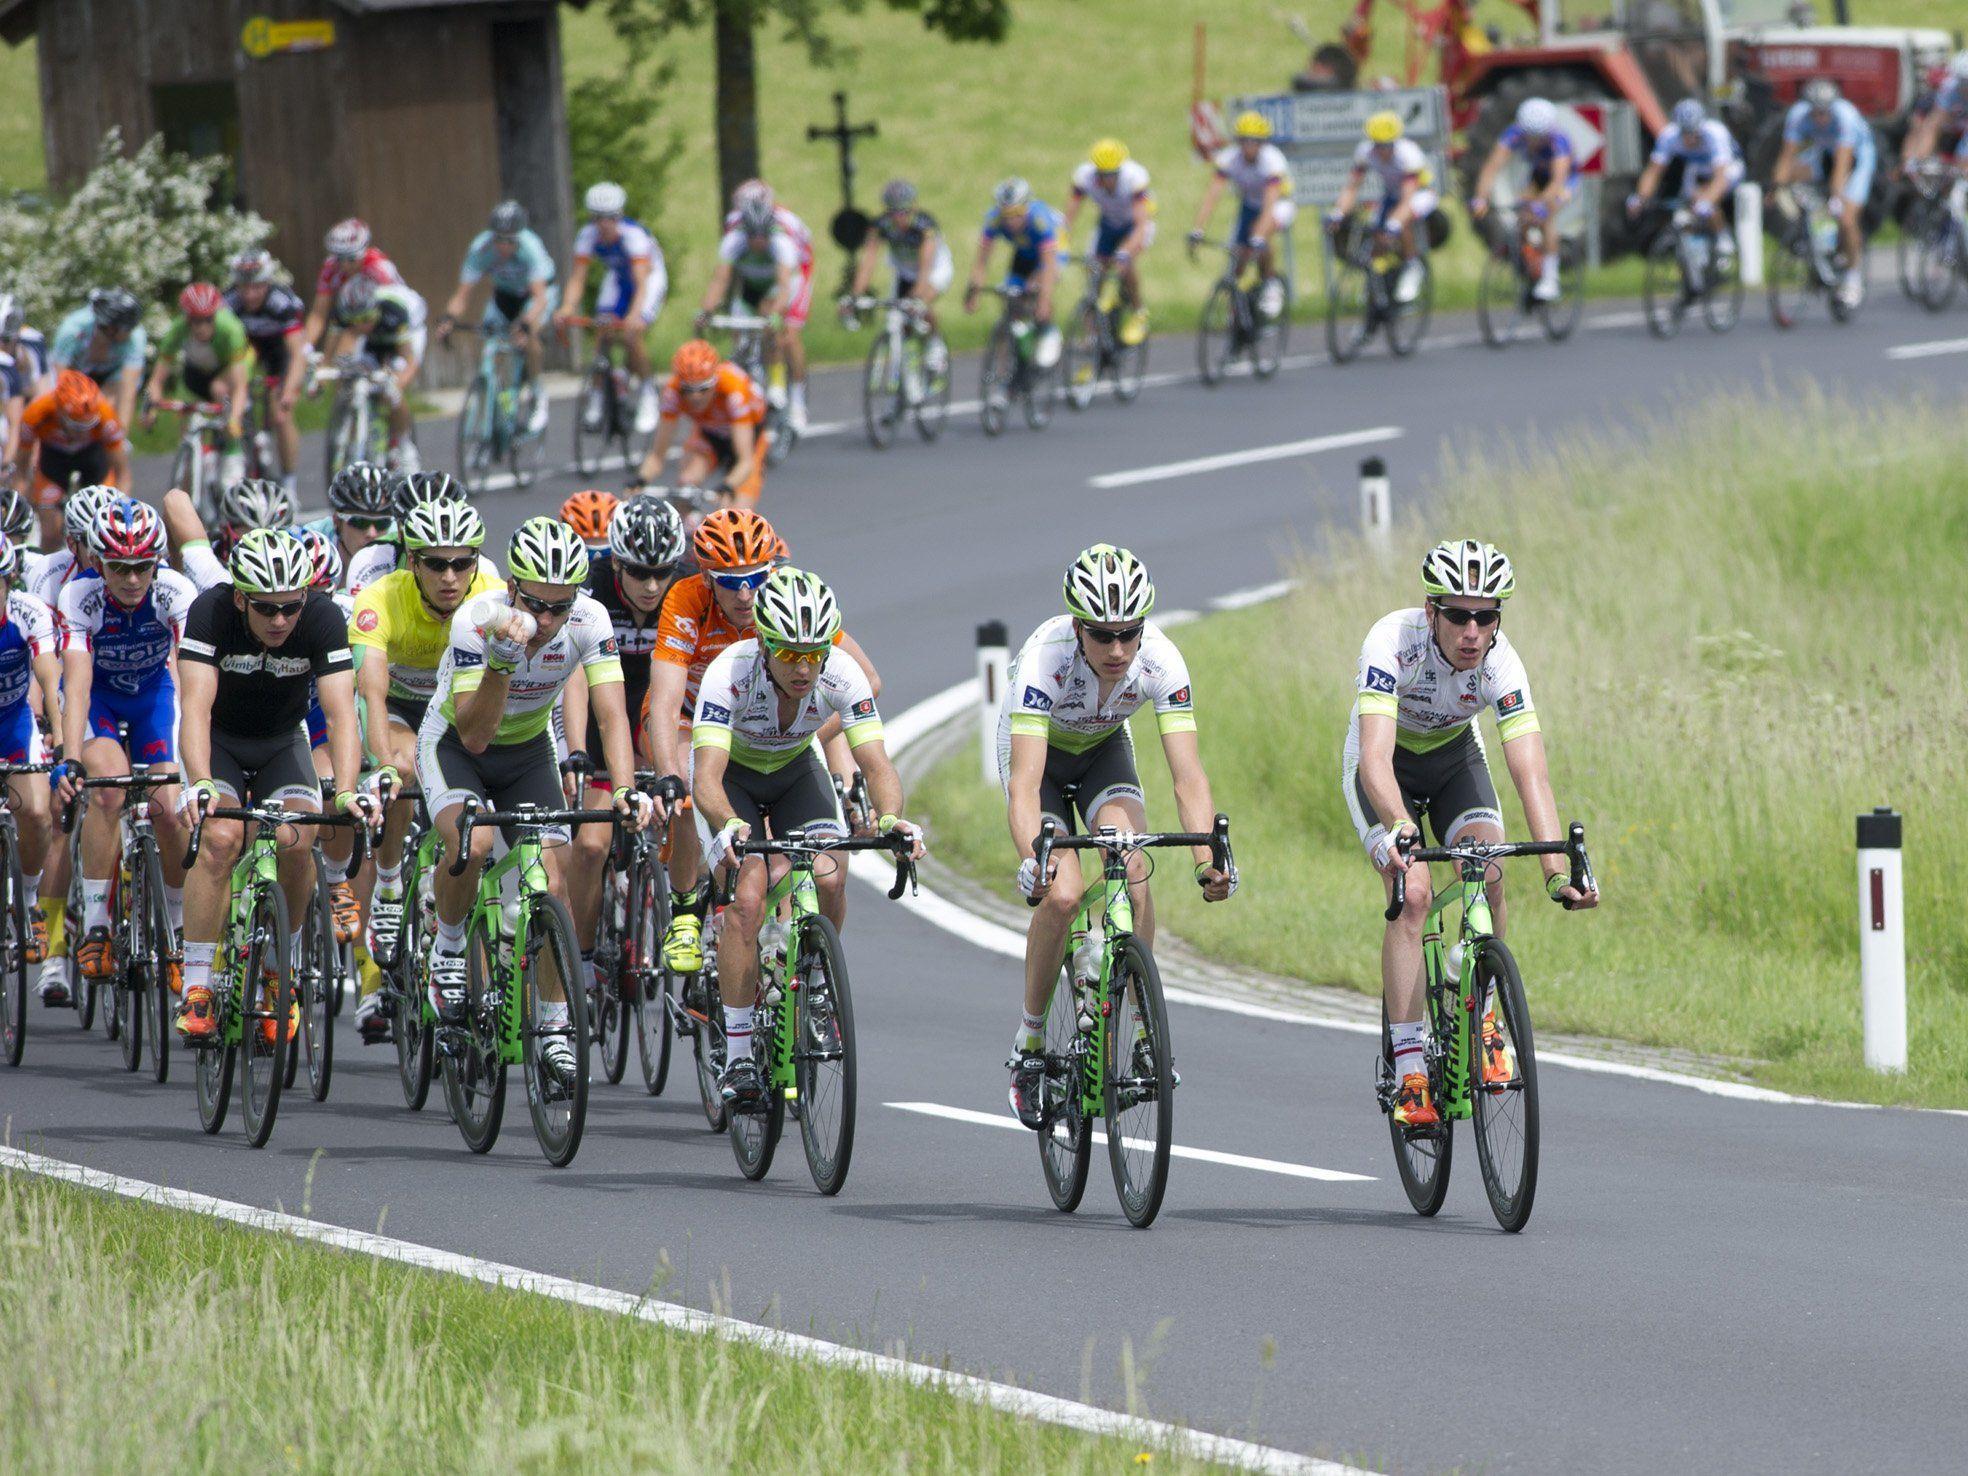 Florian Bissinger wird Gesamt-Fünfter bei der OÖ-Tour und holt wichtige UCI-Punkte.